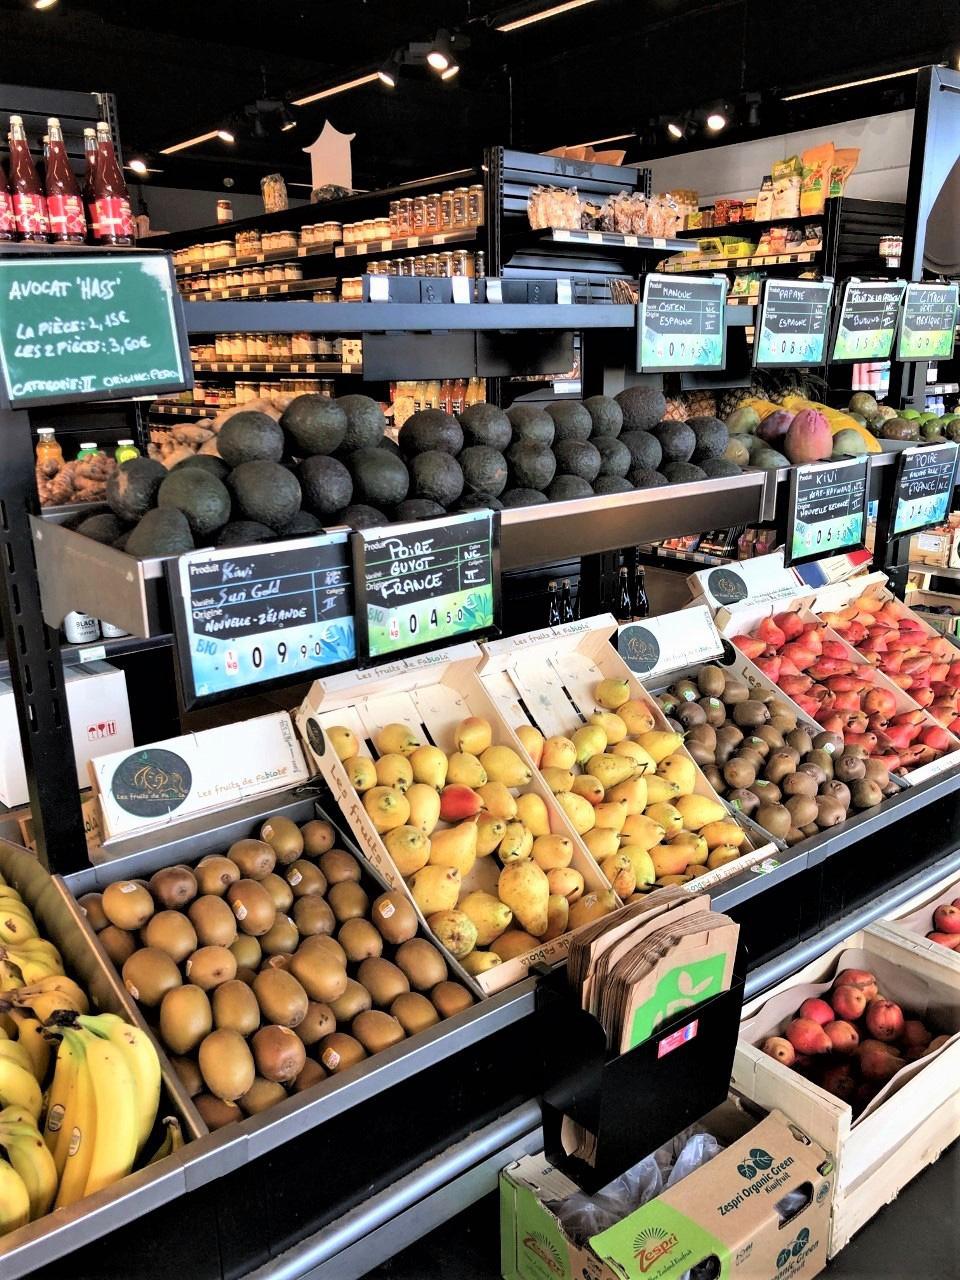 Le rayon fruits et légumes à -50% !